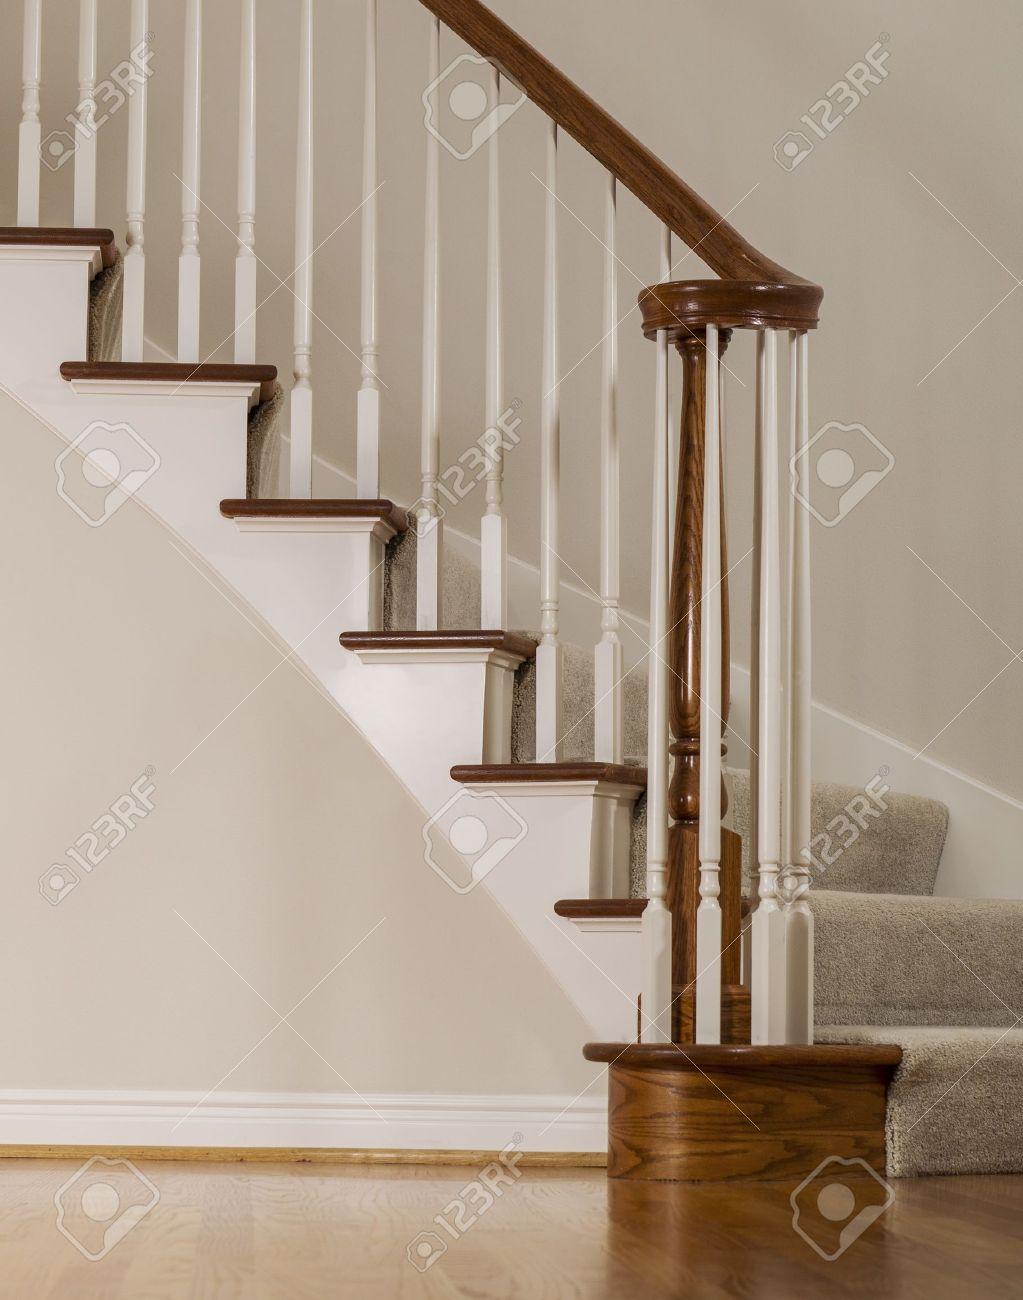 escalera de roble de madera con escalones de alfombras y molduras blancas foto de archivo